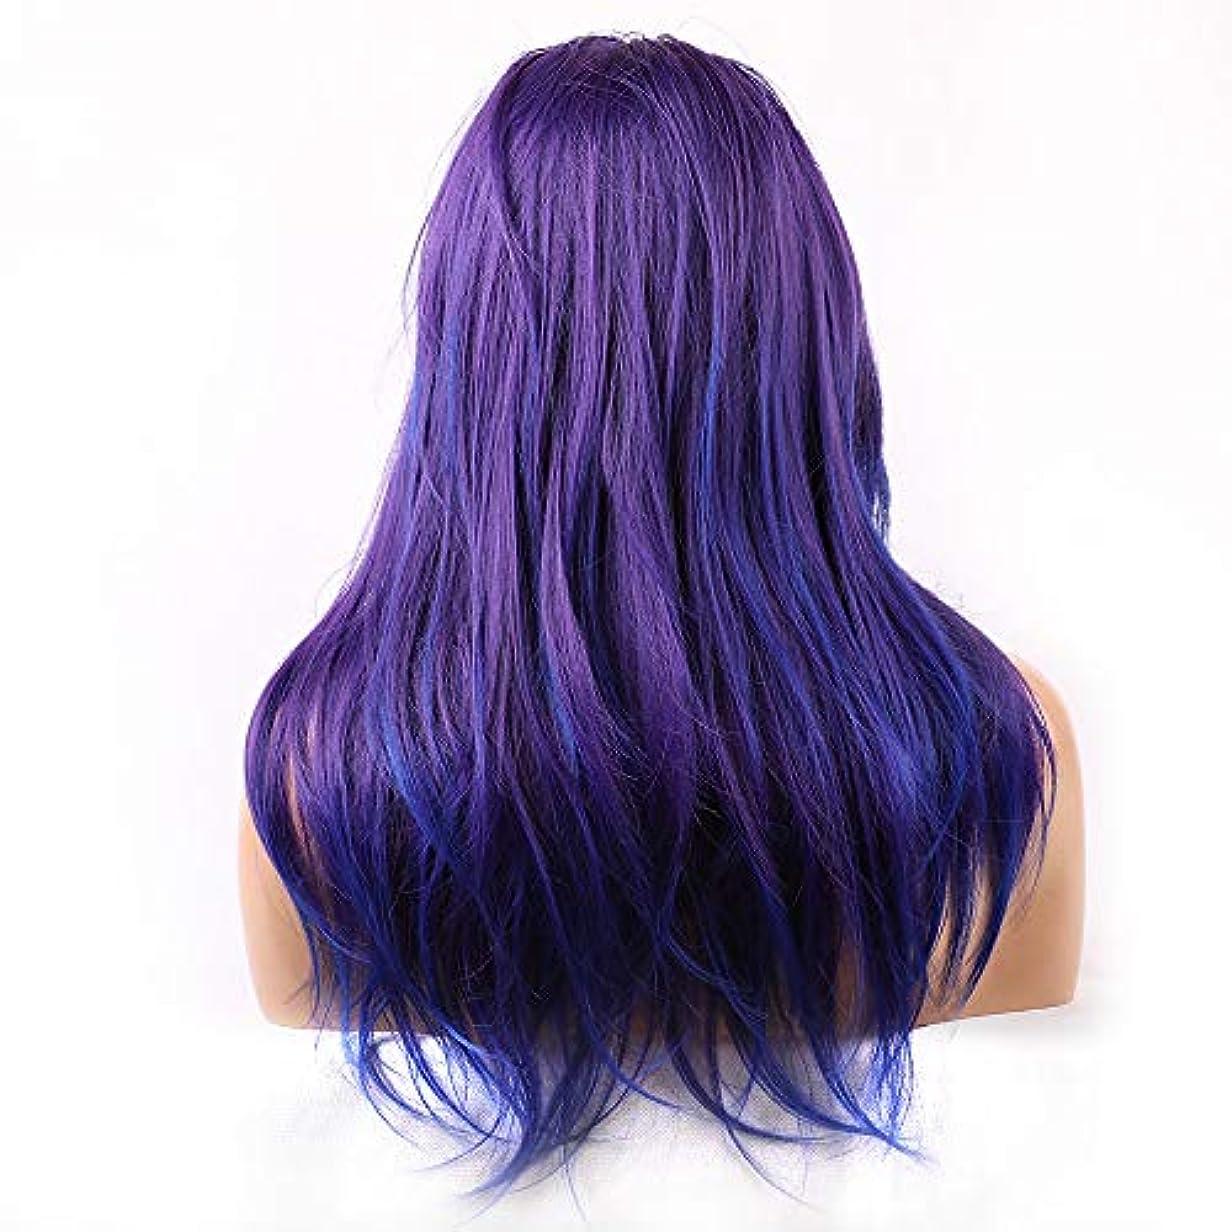 ベース娘最大限レースCOSの小道具の前に女性の青い長い巻き毛のかつらをかつら